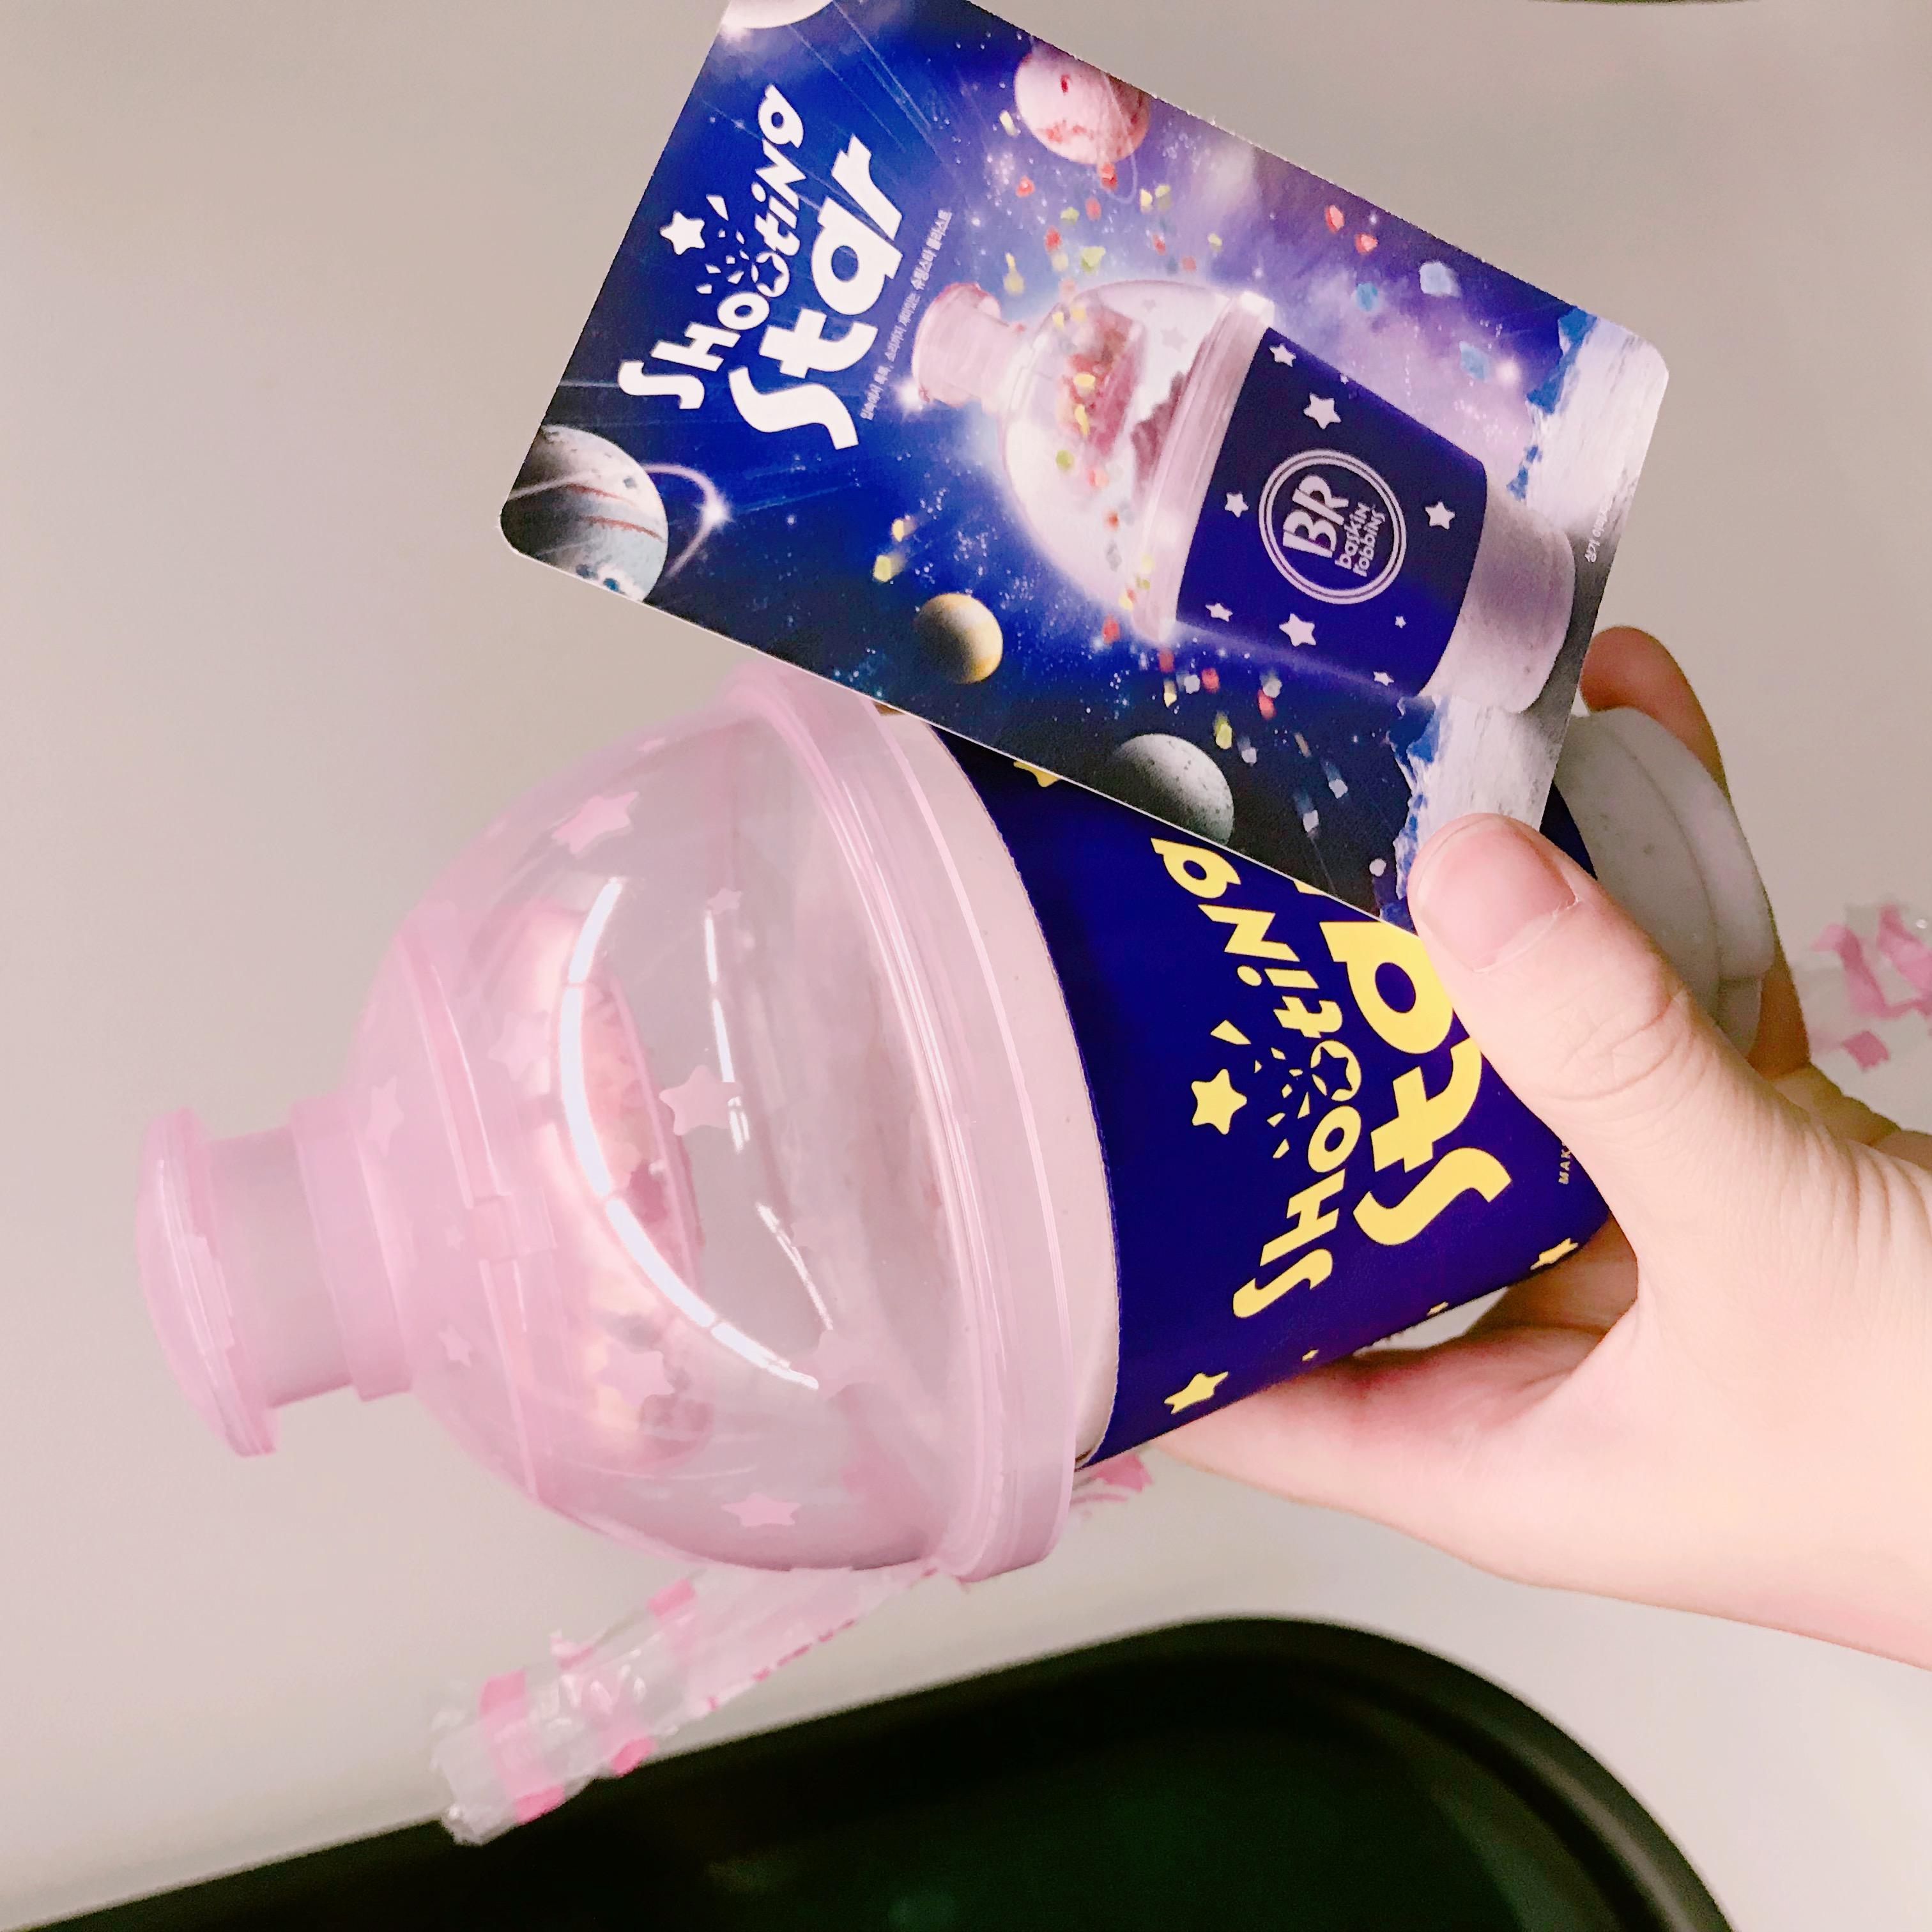 韓国行ったら飲みたい!💫流れ星ドリンク💫って?